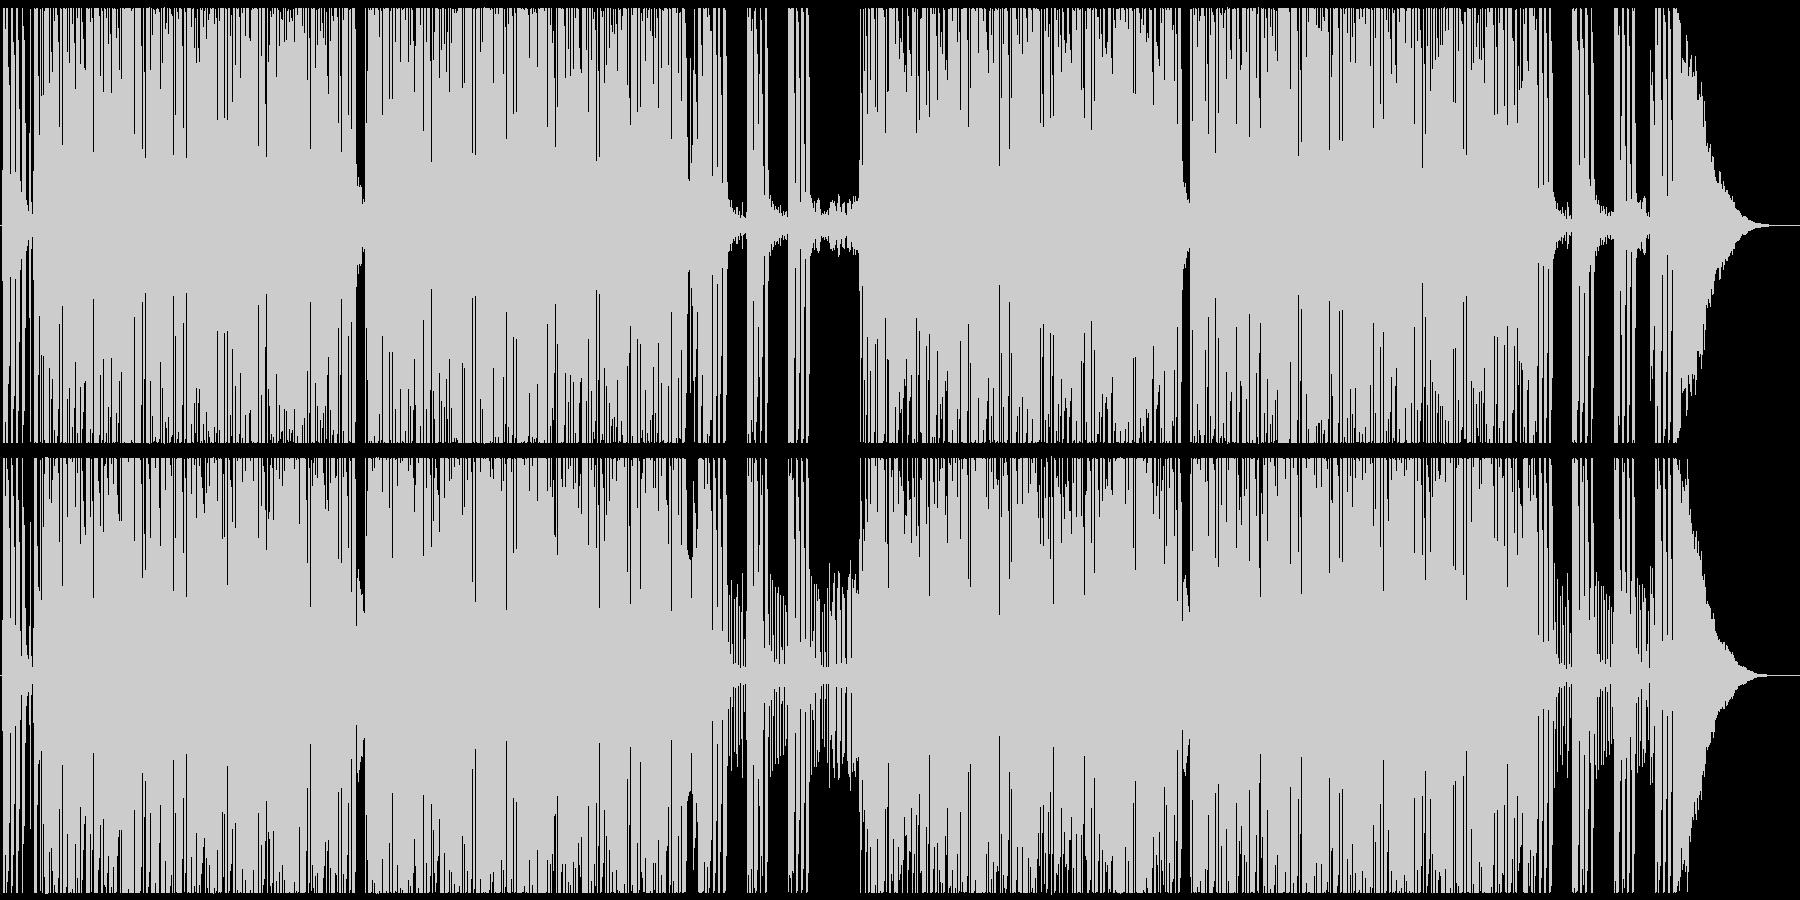 騒がしいロックンロール メロ・ブラスなしの未再生の波形